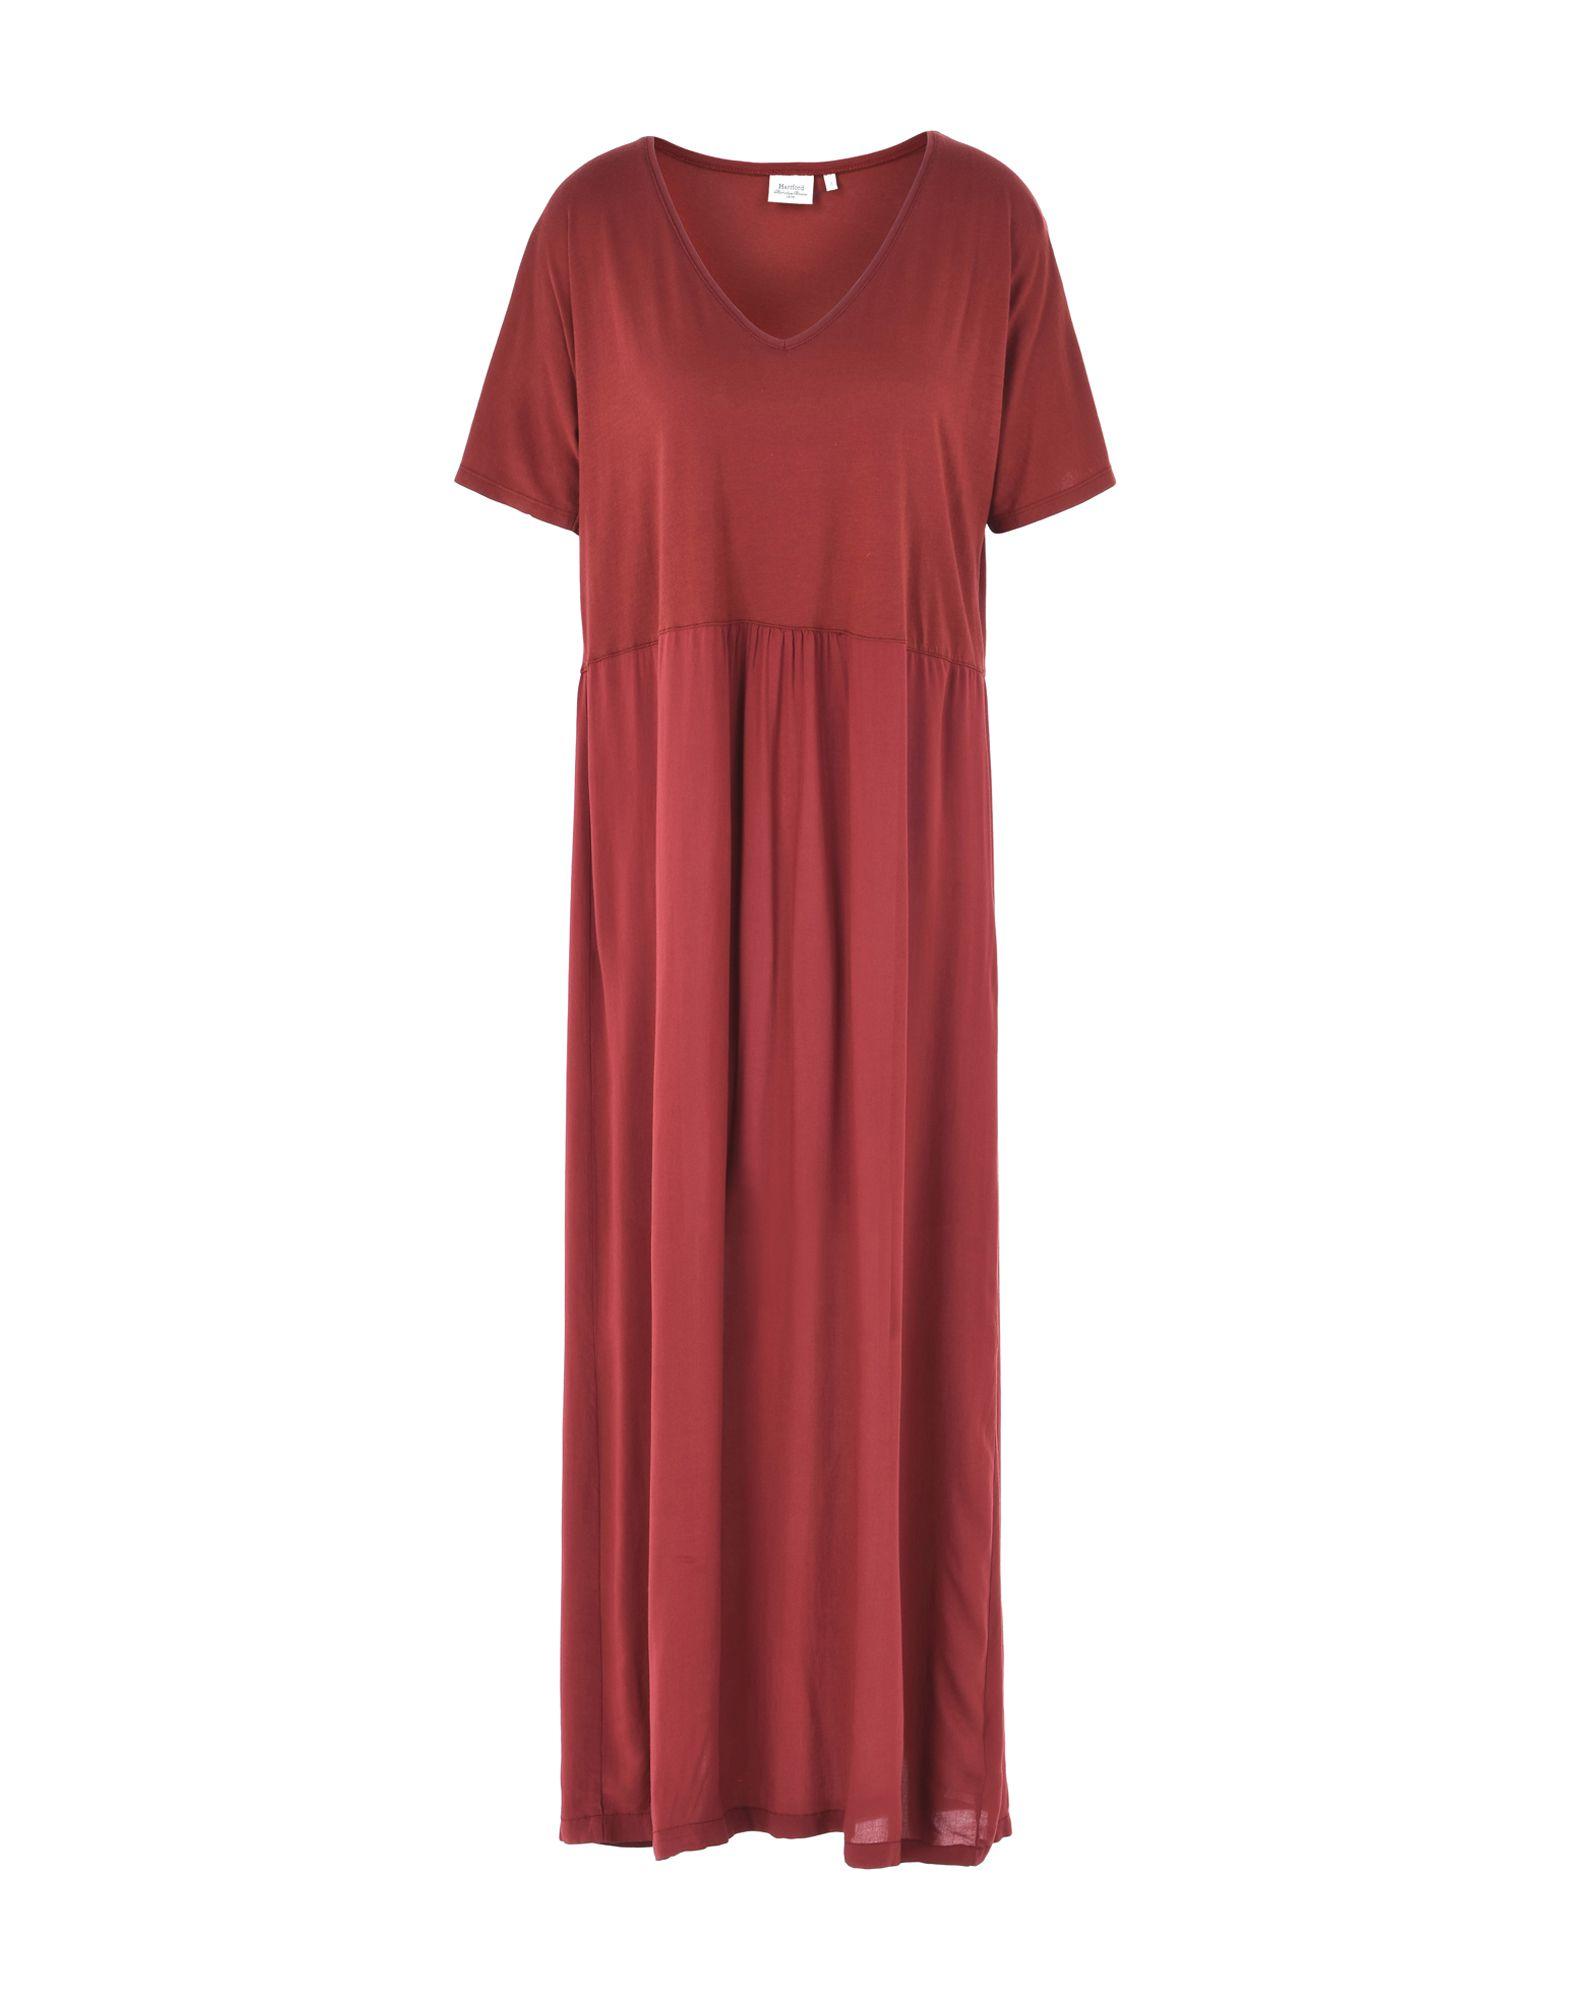 HARTFORD Платье длиной 3/4 lisa corti платье длиной 3 4